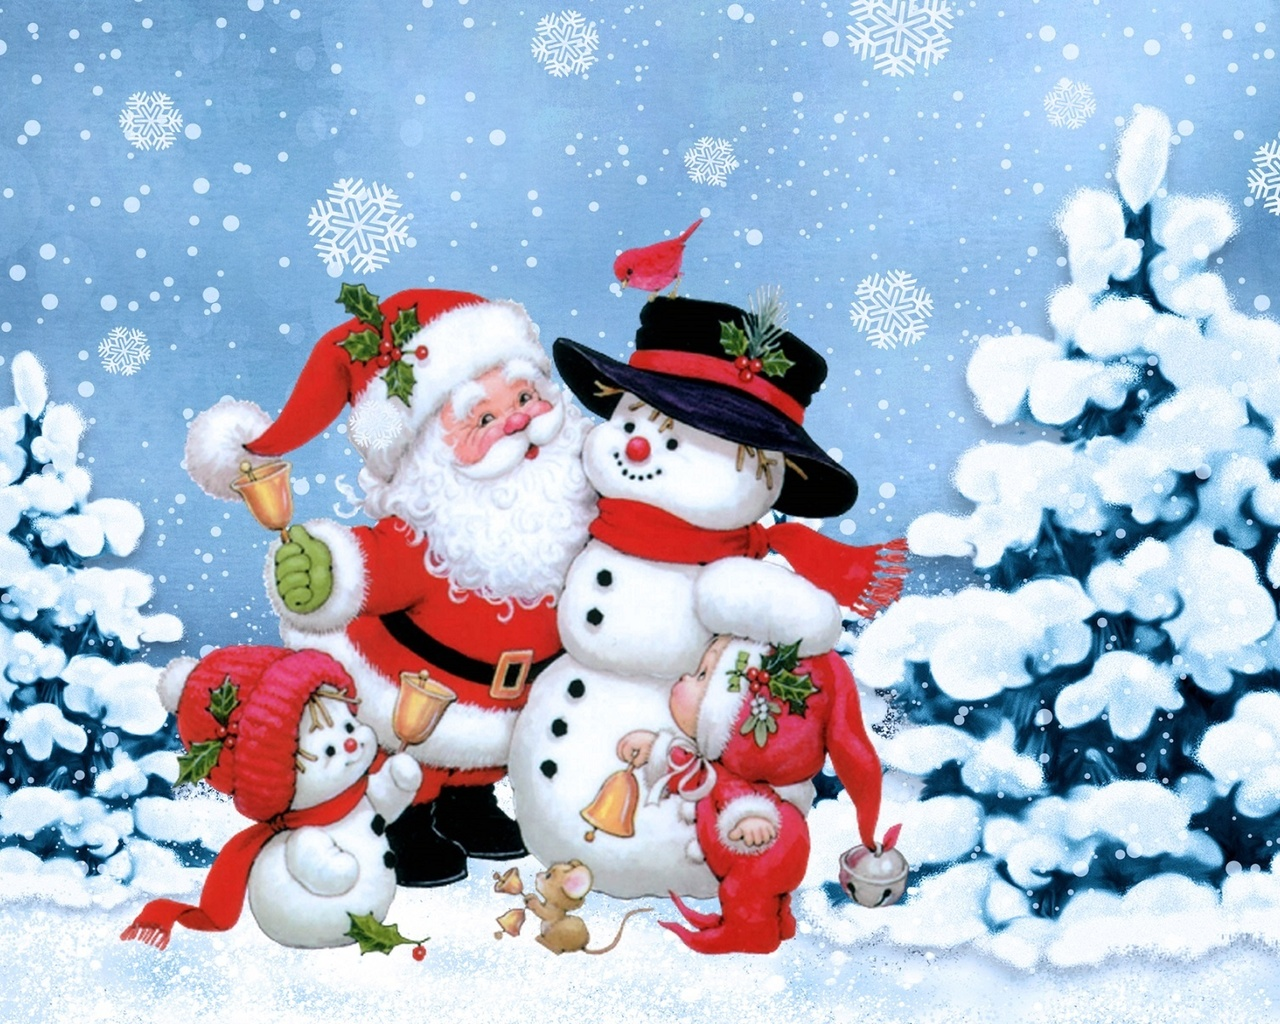 Тенью девушек, картинки с новогодней темой снеговик дед мороз елка